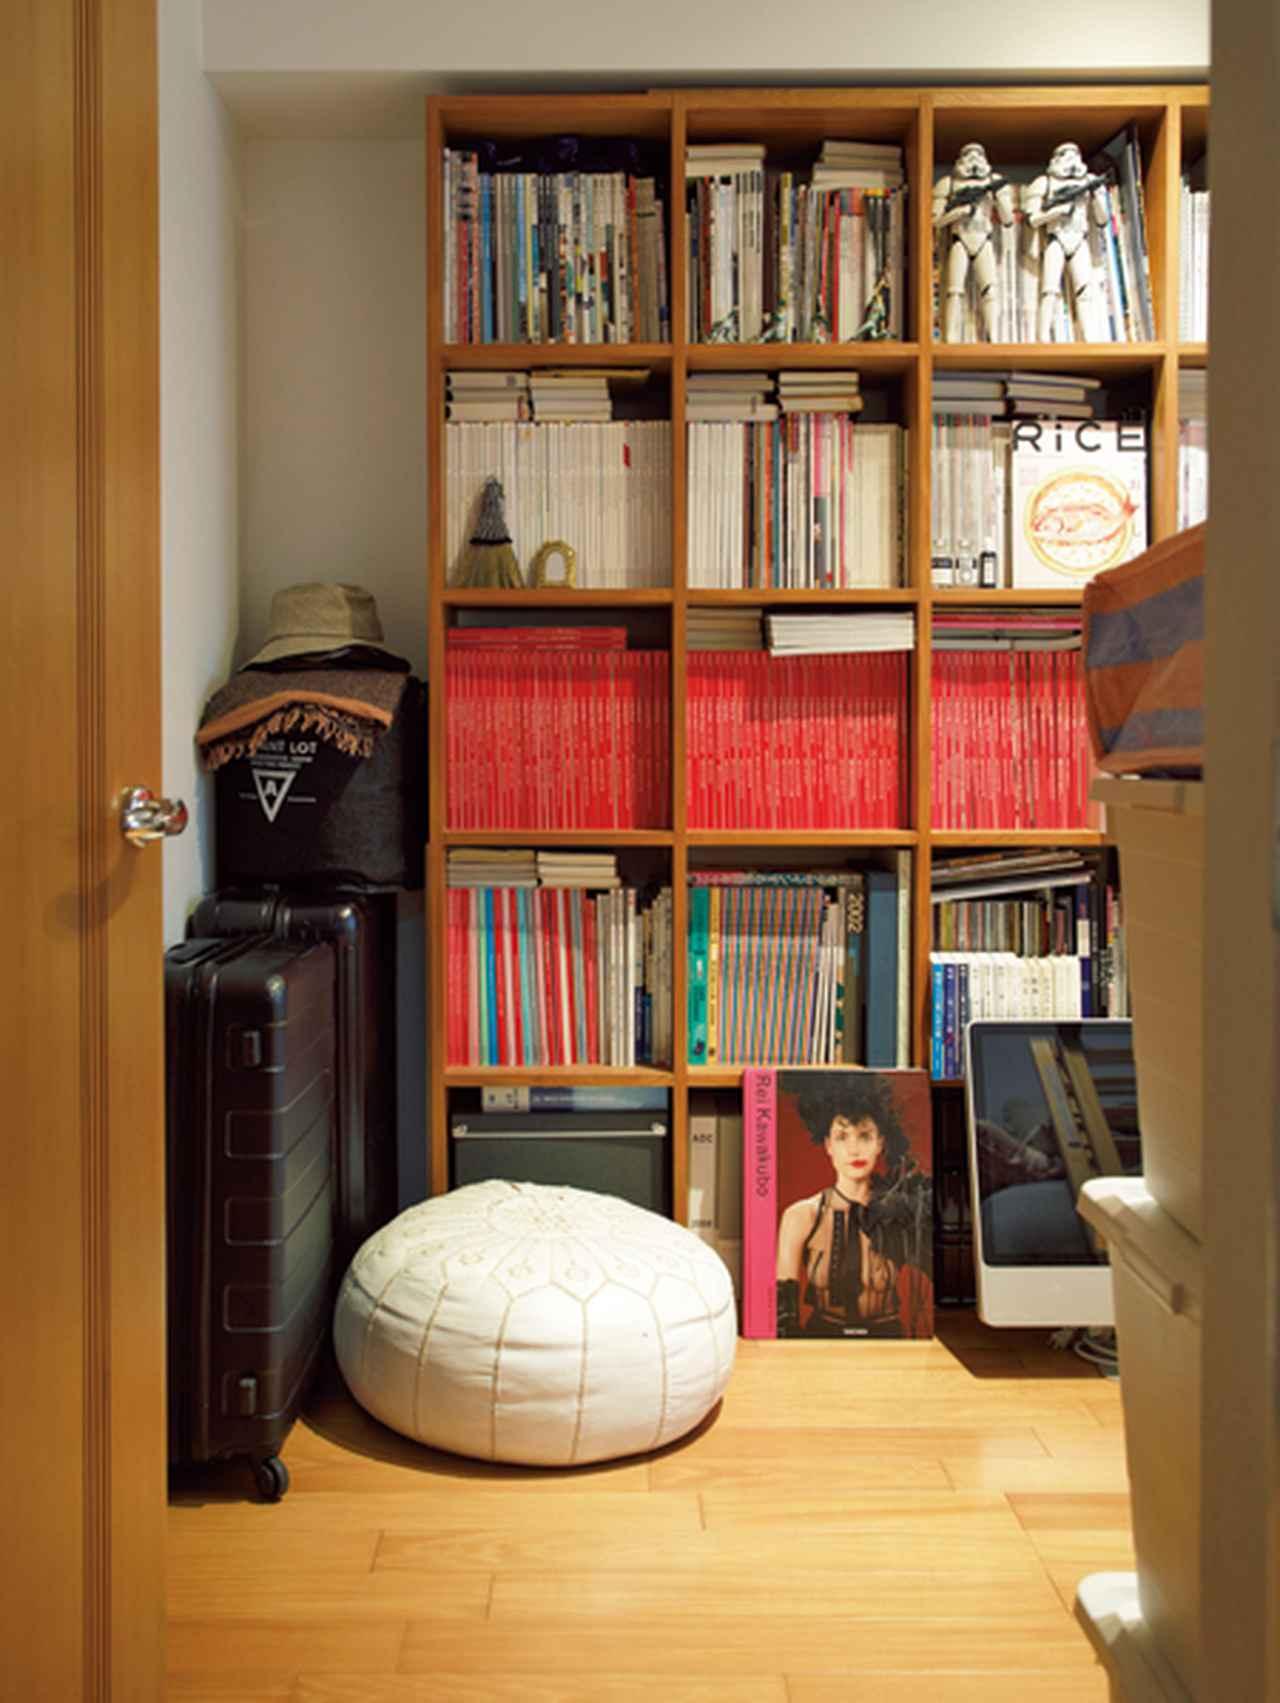 画像: ひと部屋をバックヤードにして、雑誌やスーツケースなどを収納。捨てる前の一時避難場所にも